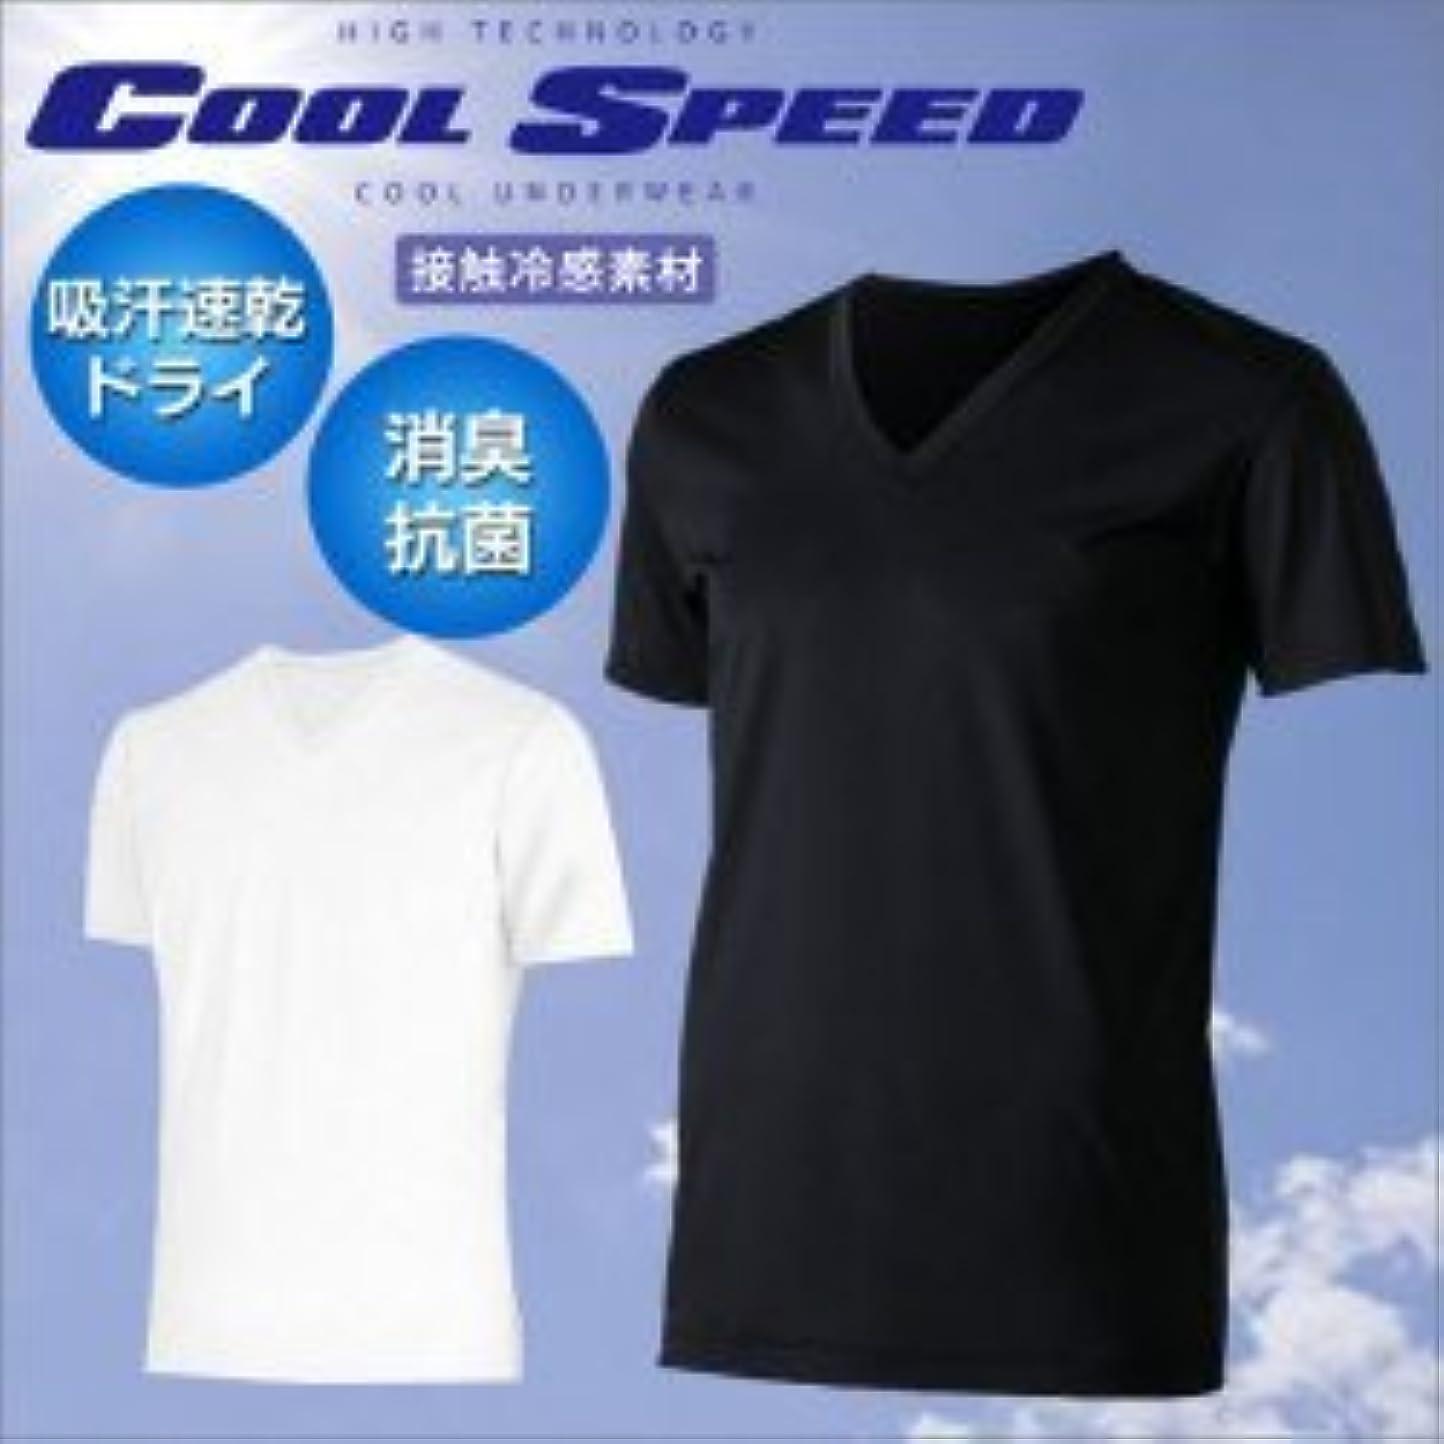 結核市区町村単位瞬間速冷×強力消臭 COOL SPEED(クールスピード) 紳士半袖V首シャツ M/ブラック 接触冷感素材